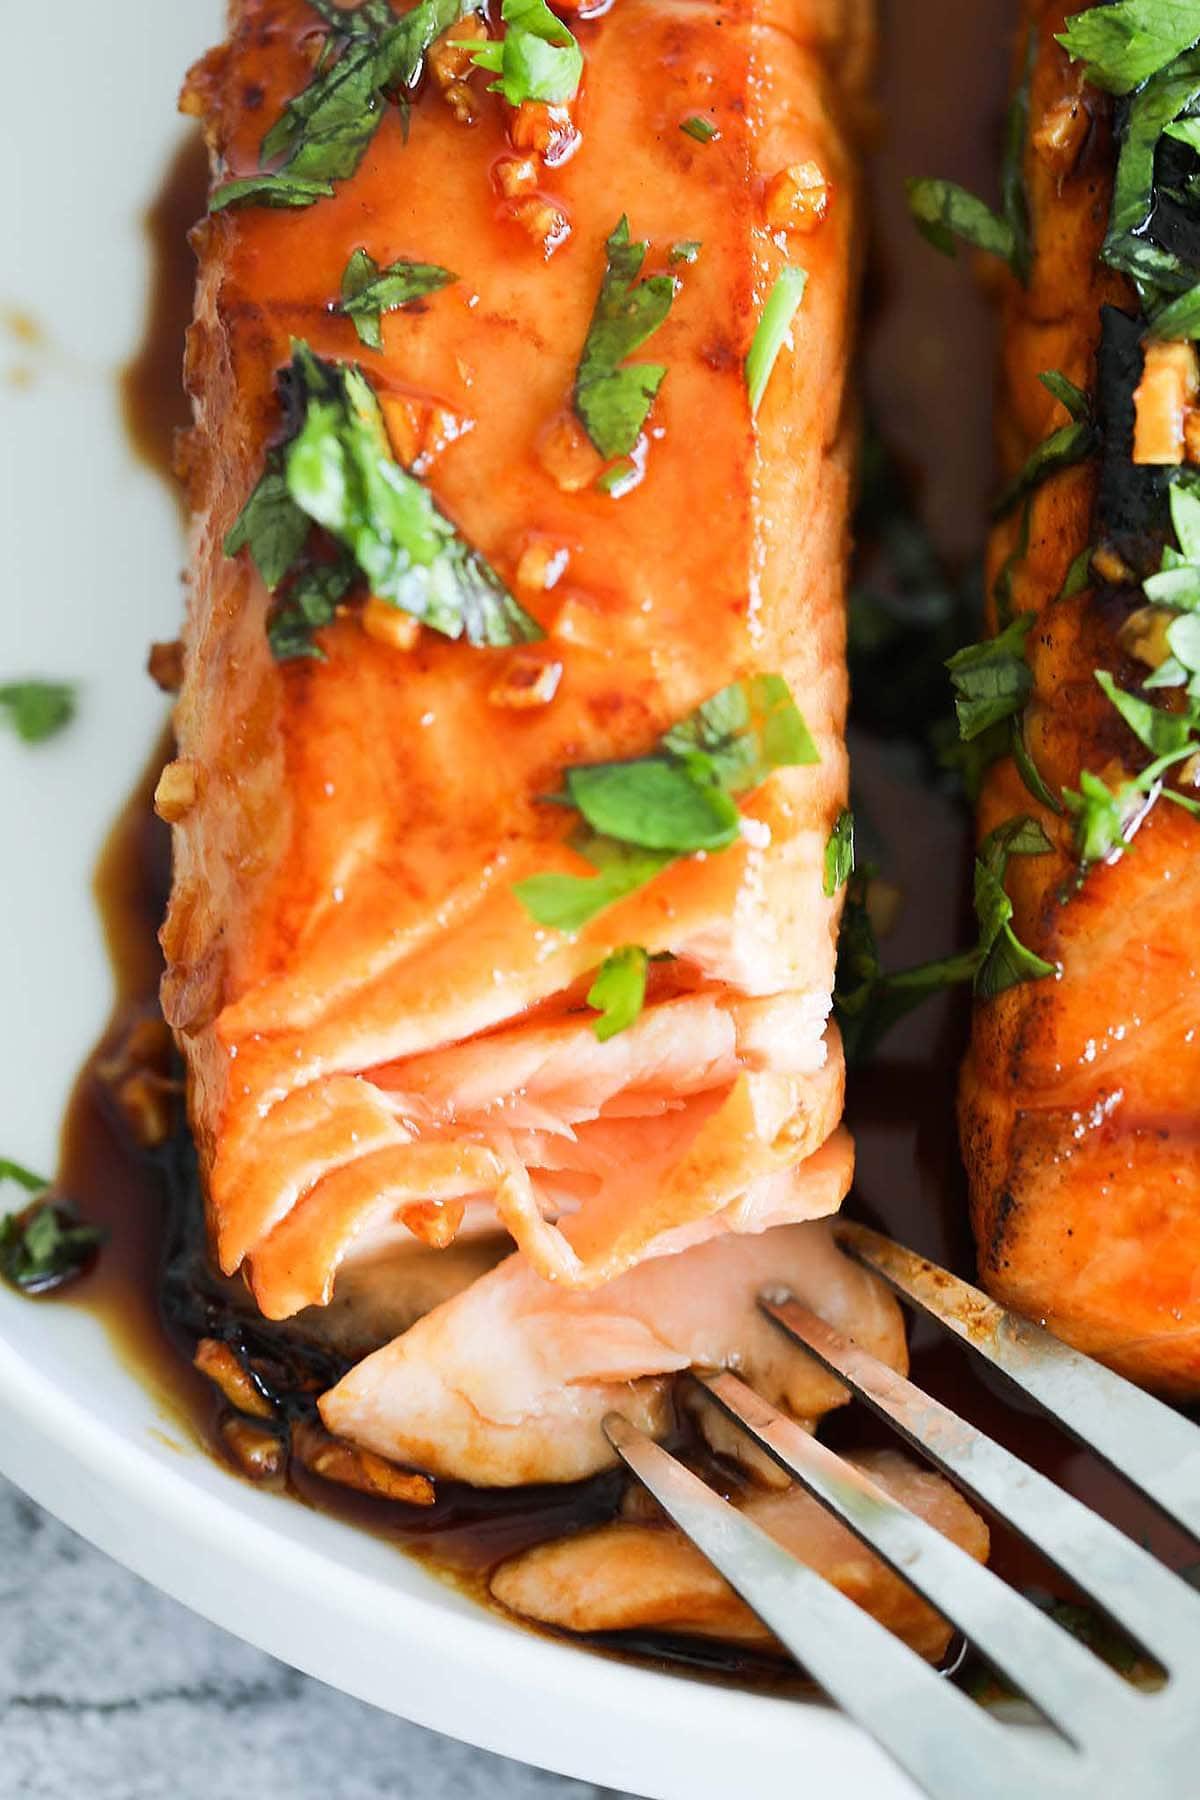 Salmon glaze coating on honey glazed salmon recipe.